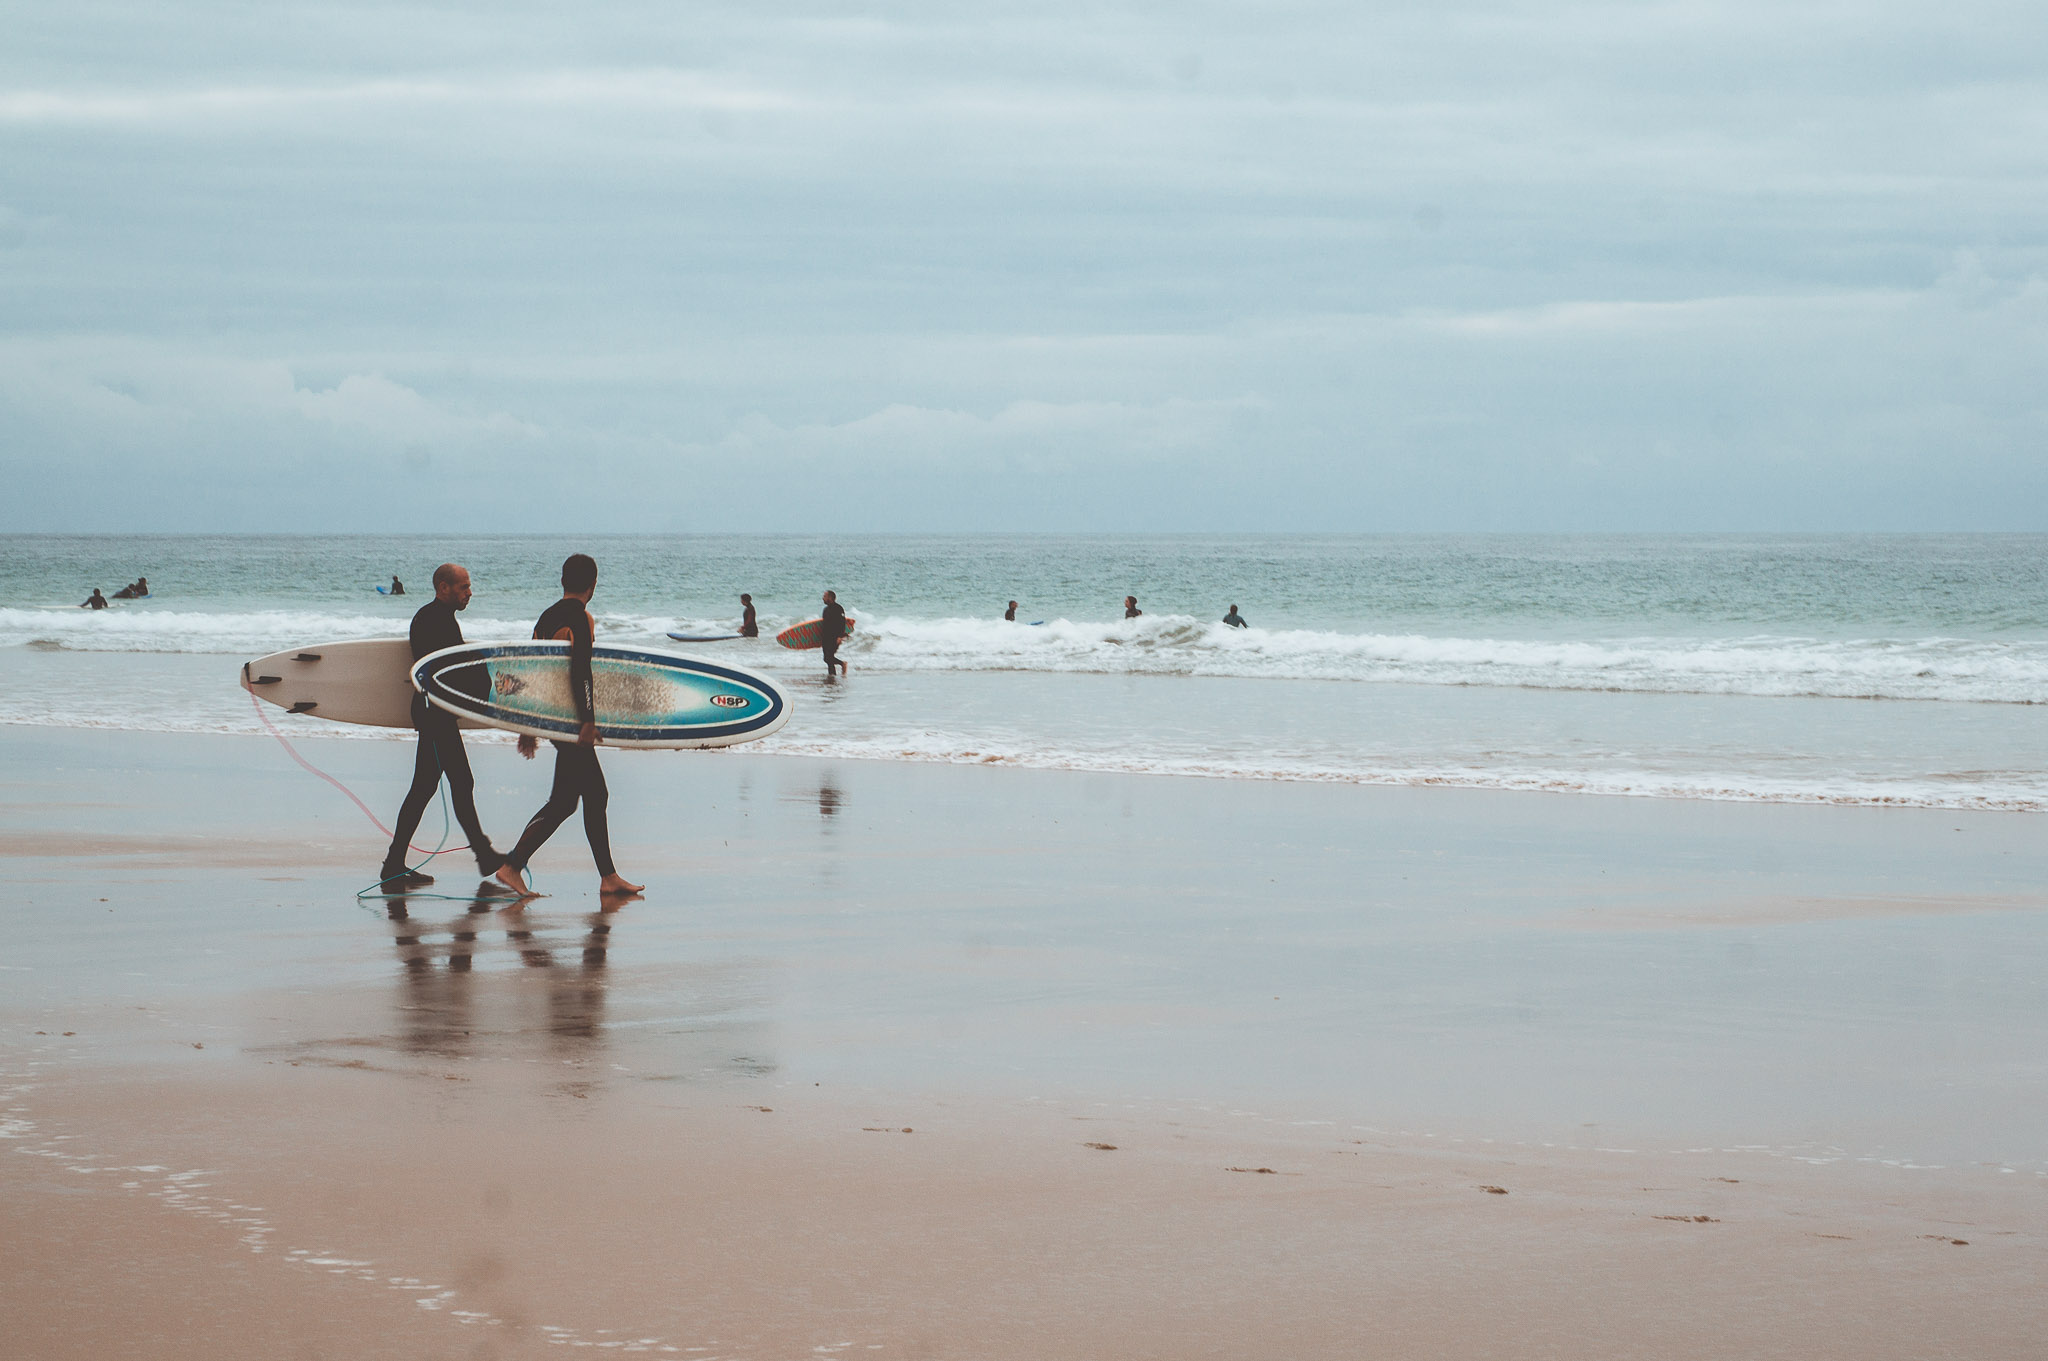 Surferzy w andaluzyjskiej mecce Surfingu - El Palmar